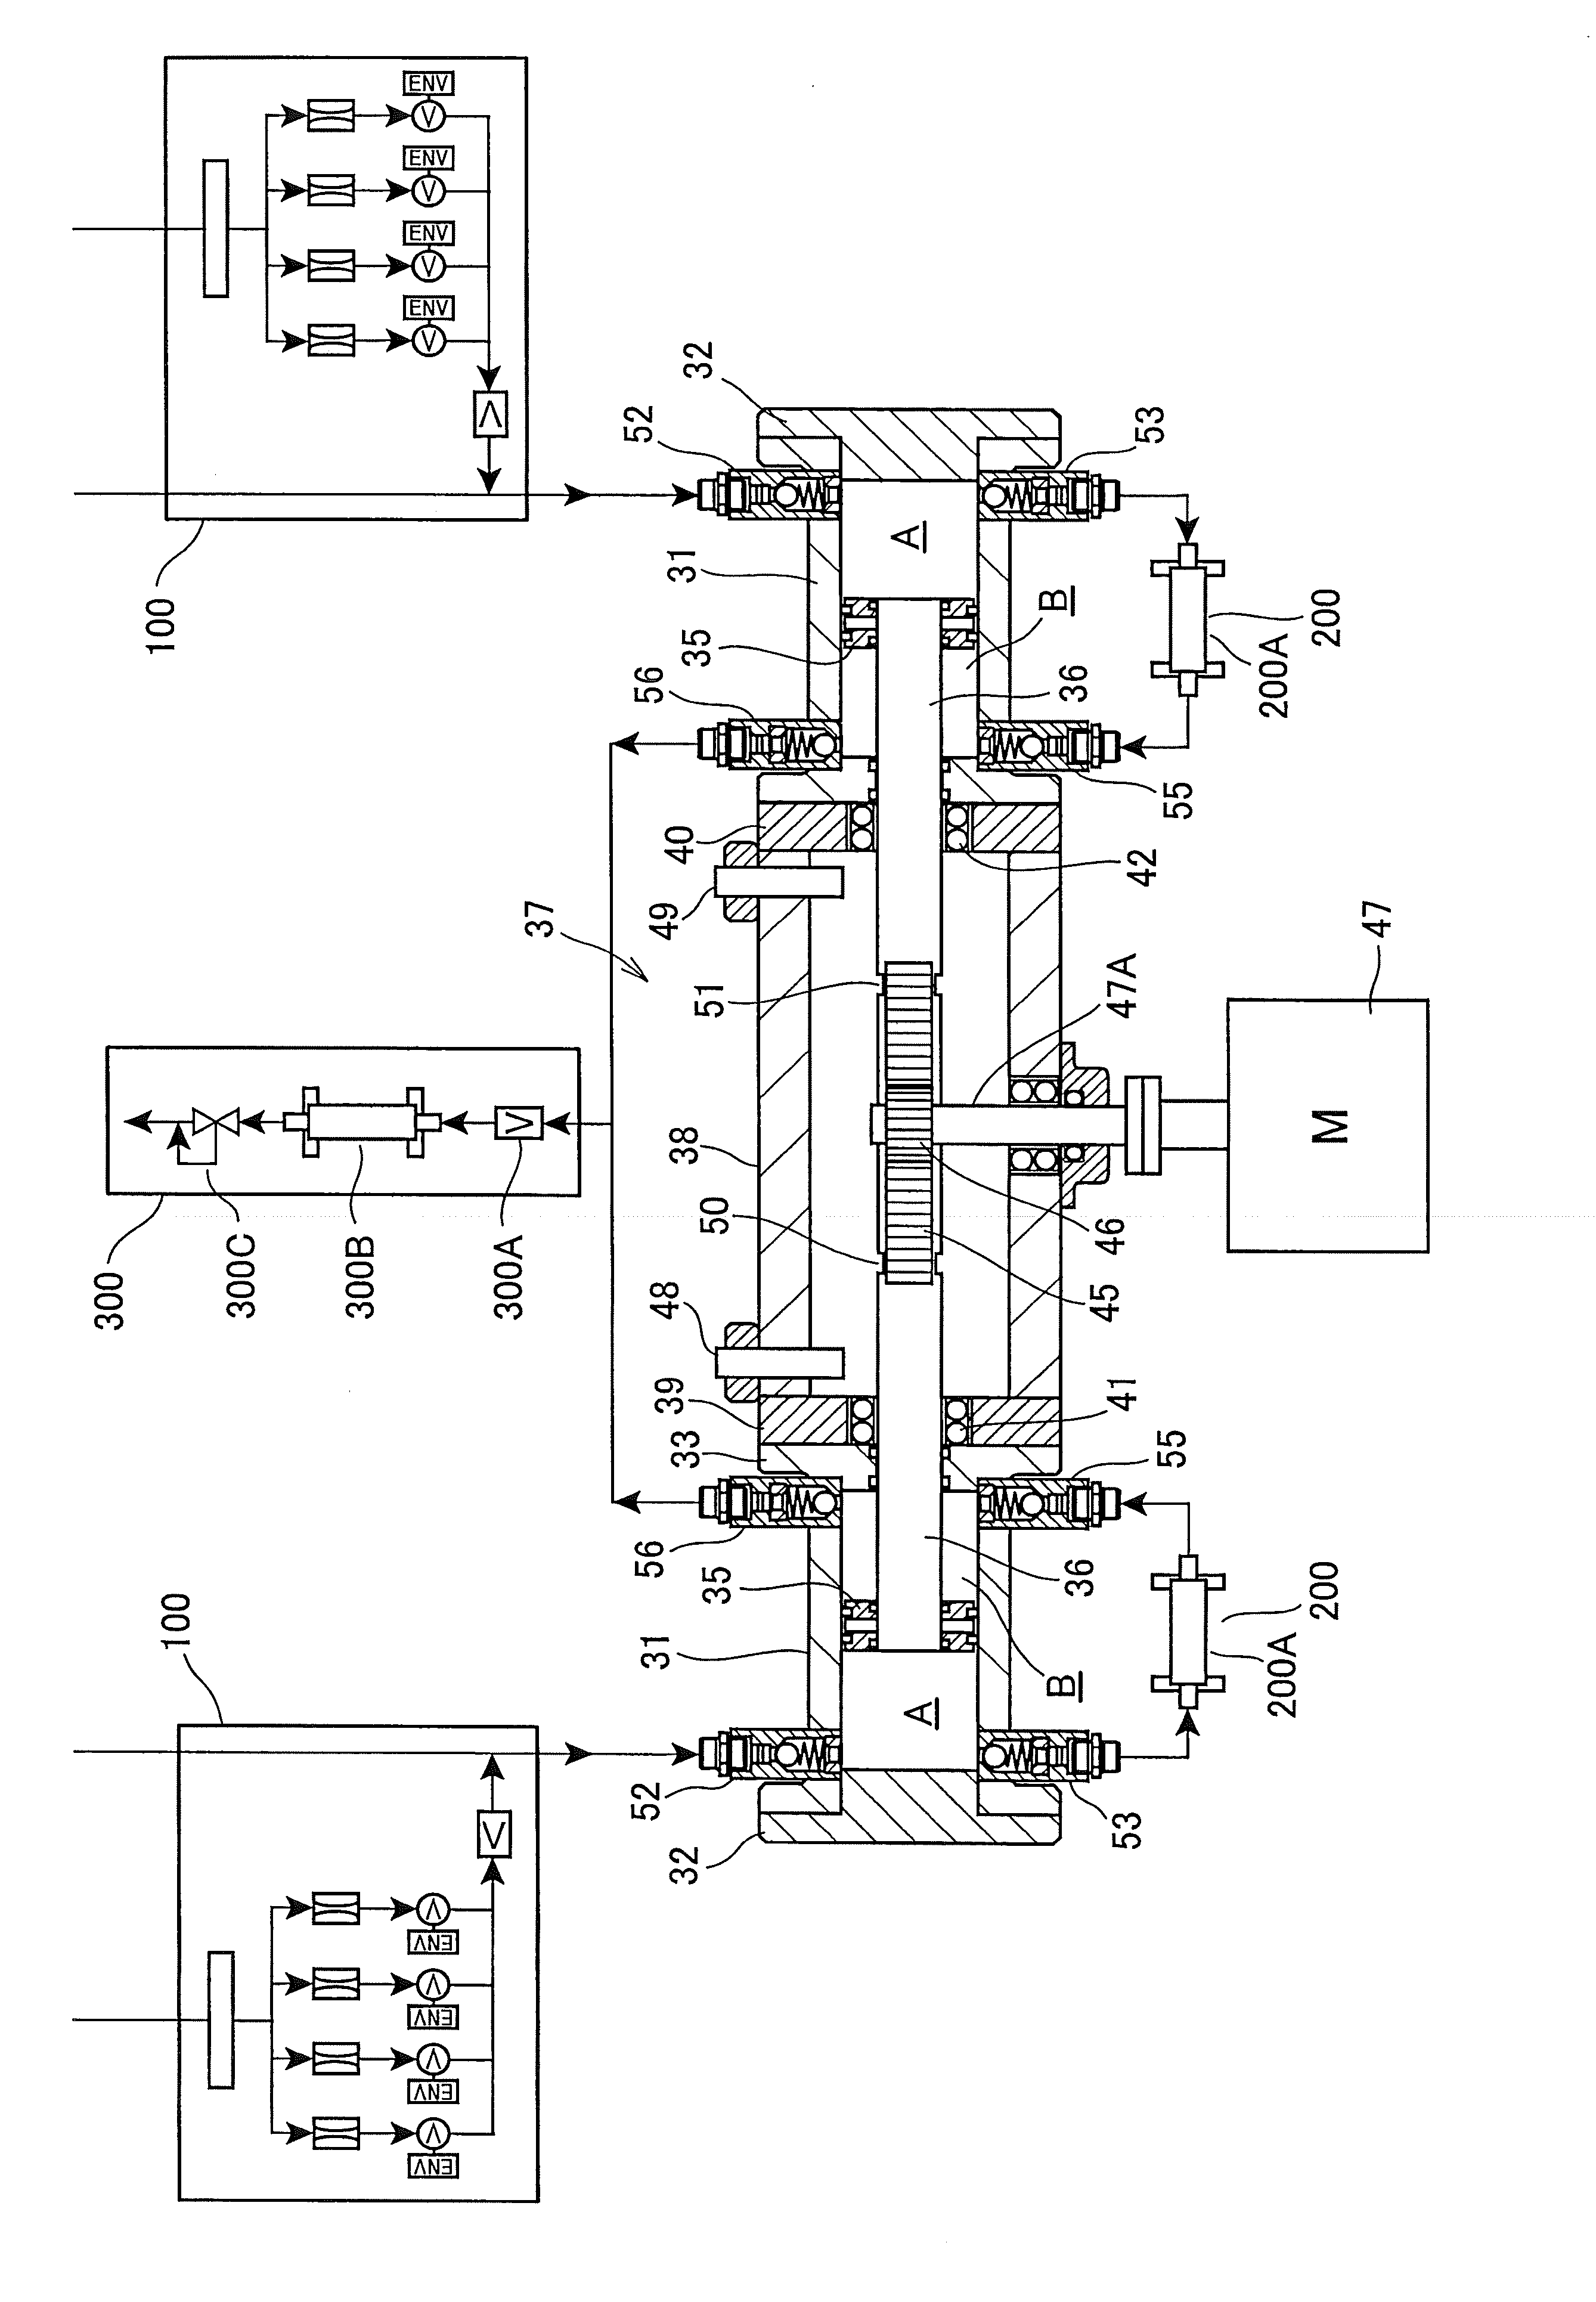 WO2011010342A1 - 燃料供給装置         - Google PatentsFamily